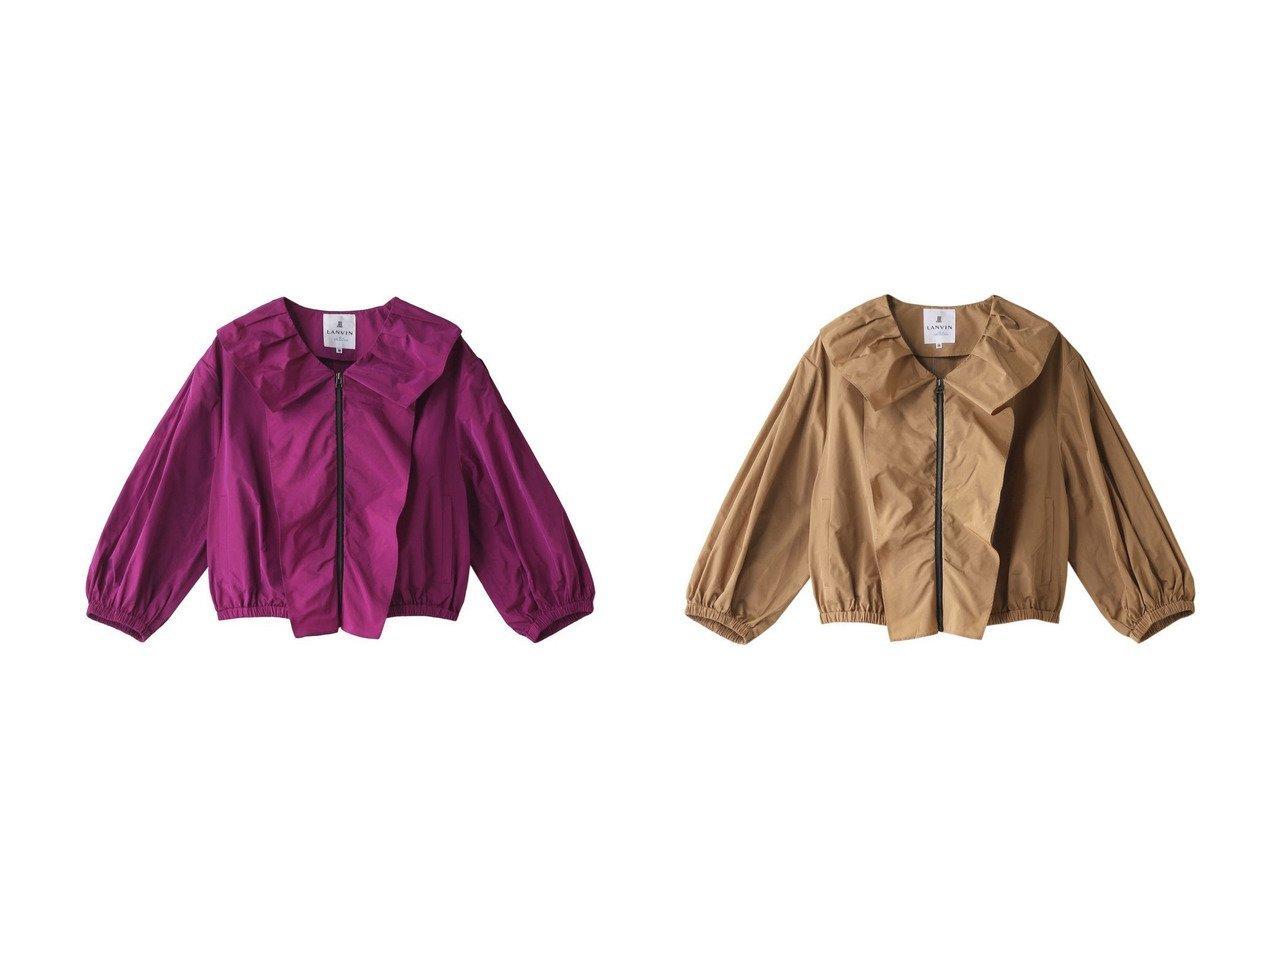 【LANVIN en Bleu/ランバン オン ブルー】のフロントフリルZIPジャケット 【アウター】おすすめ!人気、トレンド・レディースファッションの通販 おすすめで人気の流行・トレンド、ファッションの通販商品 インテリア・家具・メンズファッション・キッズファッション・レディースファッション・服の通販 founy(ファニー) https://founy.com/ ファッション Fashion レディースファッション WOMEN アウター Coat Outerwear ジャケット Jackets ショート ジャケット スリーブ バランス フリル フロント  ID:crp329100000043348